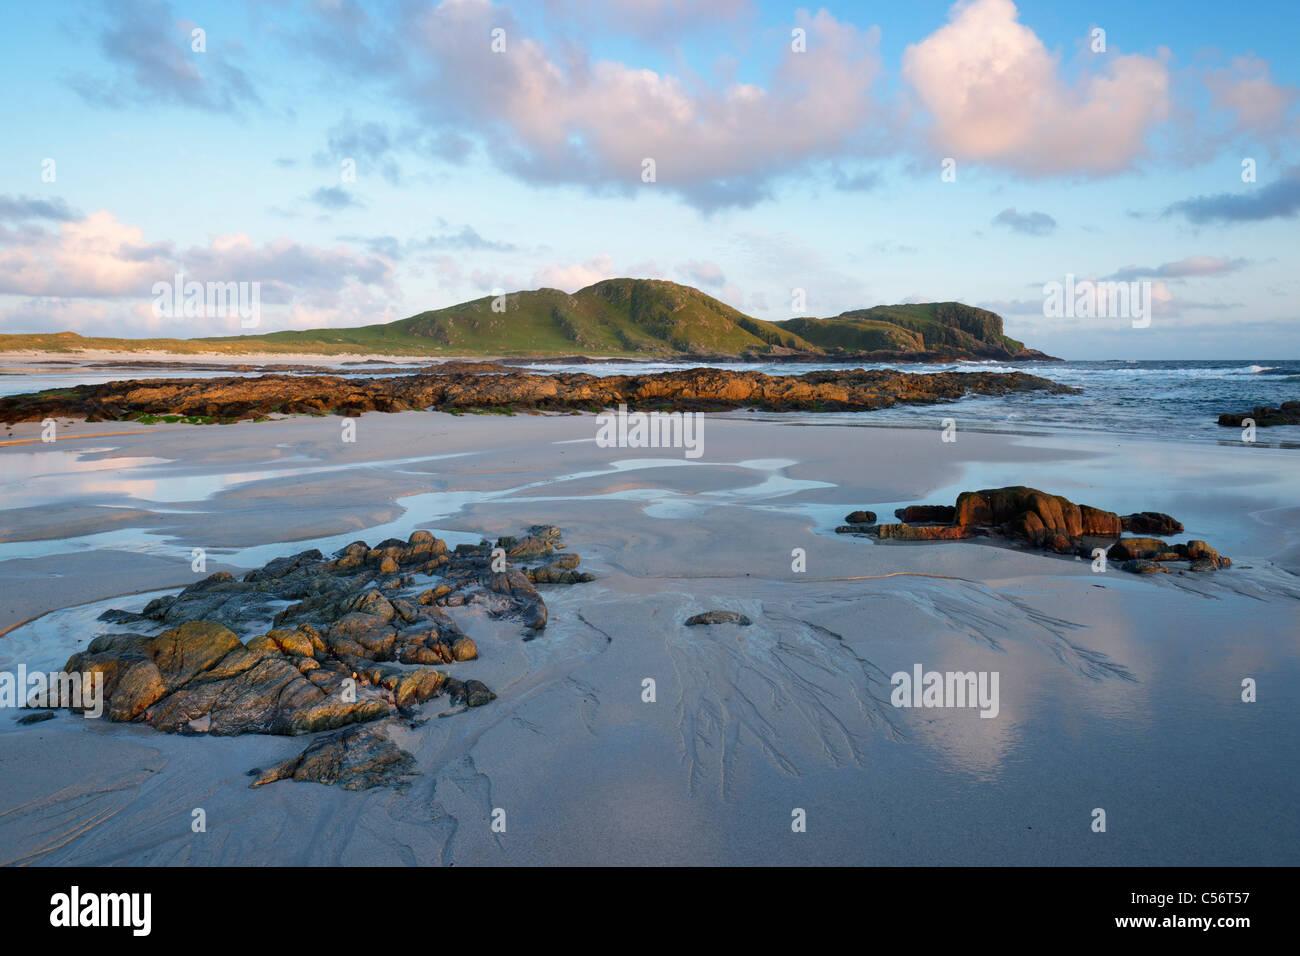 Beinn Ceann a Mhara from Traigh nan Gilean, near Barrapol, Tiree, Argyll, Scotland, UK. - Stock Image